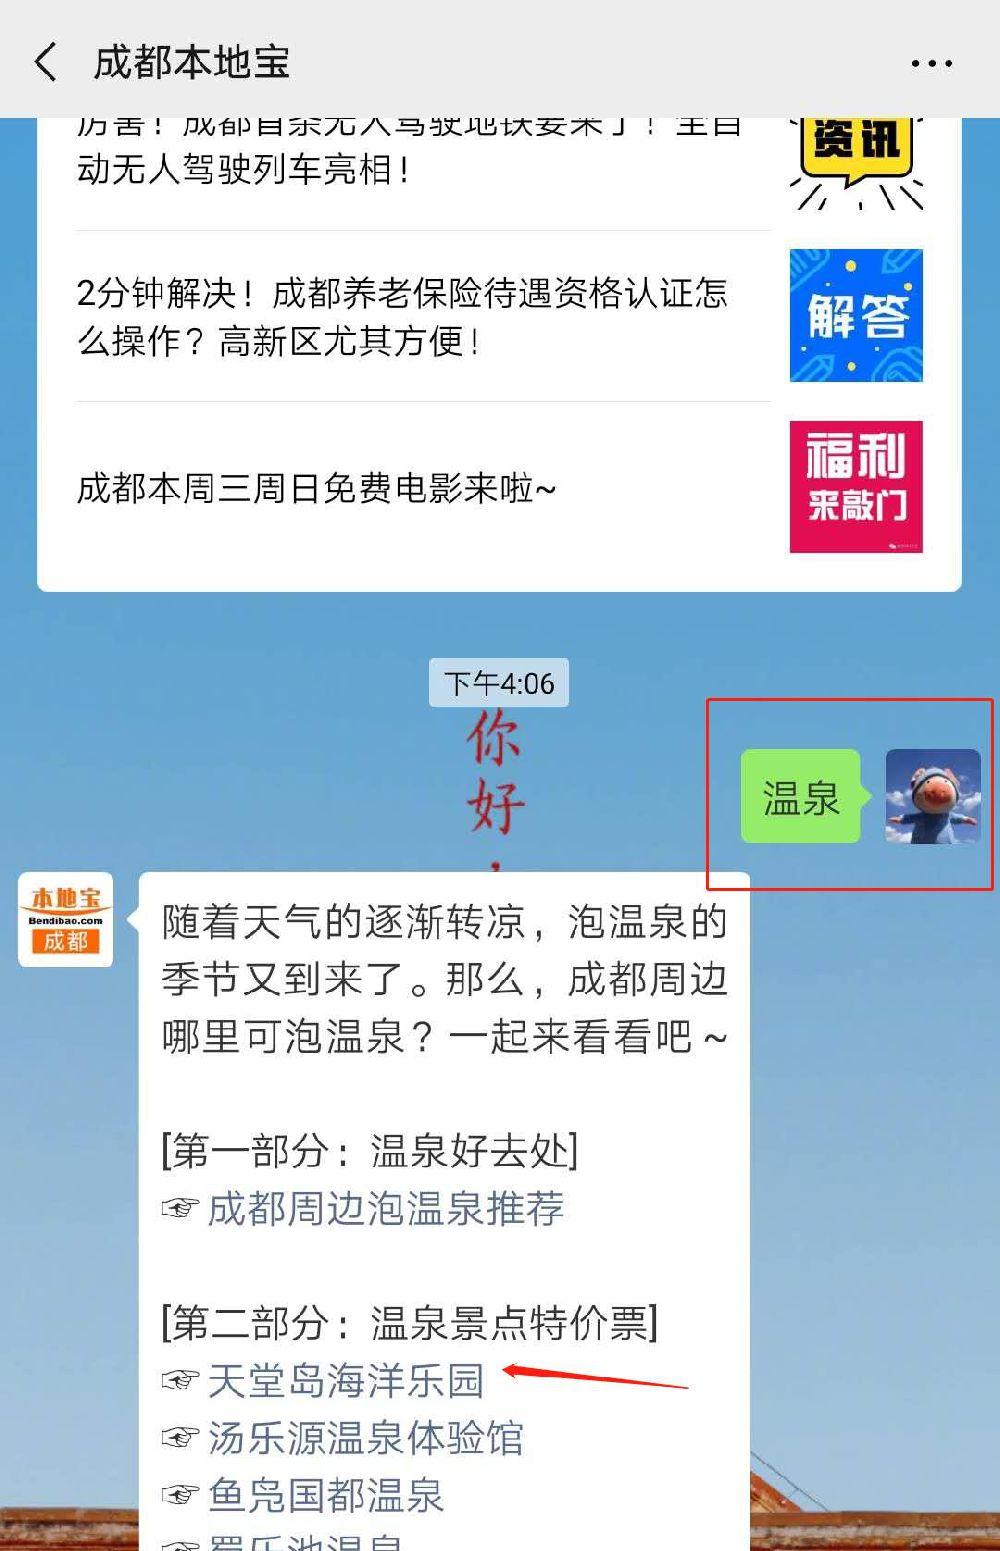 2019成都天堂岛海洋乐园特价温泉票购买指南